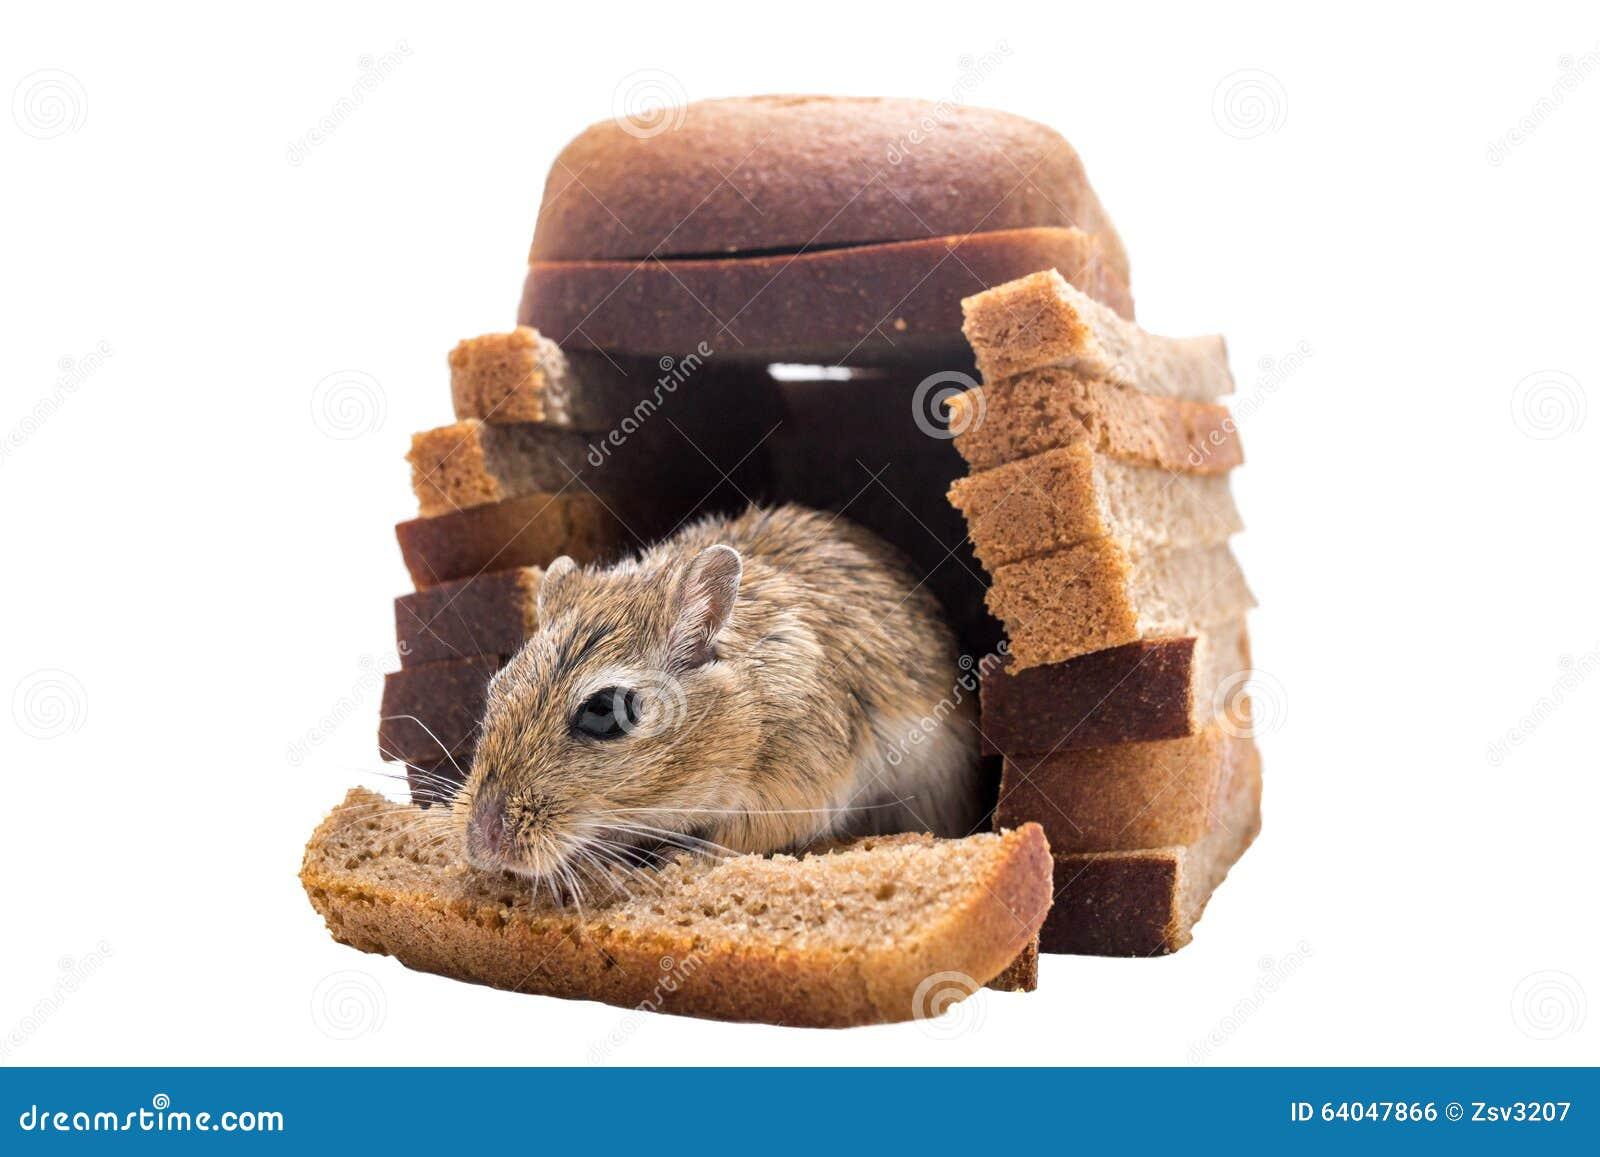 la souris mange du pain dans leur maison de pain photo stock image du amorce nourriture 64047866. Black Bedroom Furniture Sets. Home Design Ideas